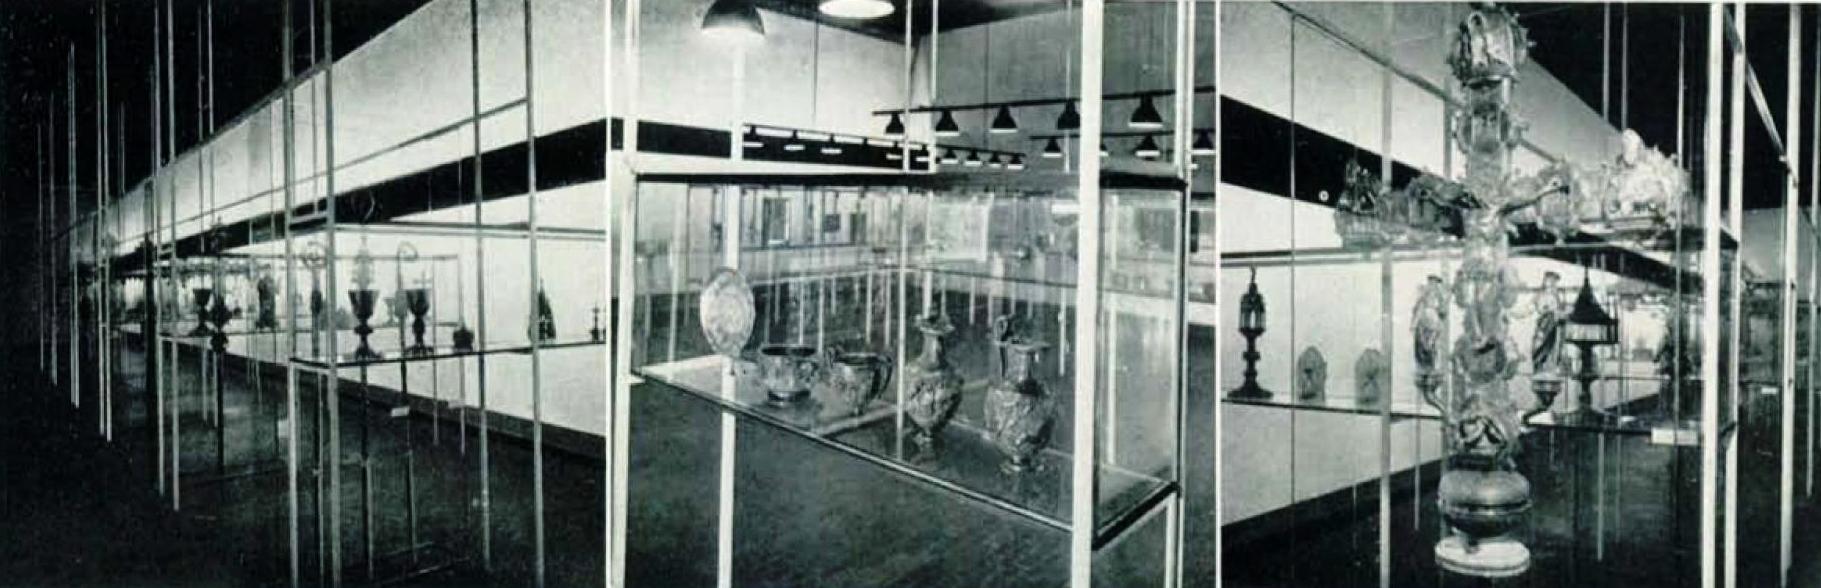 Allestimento della Mostra dell'antica oreficeria italiana triennale milan 1936